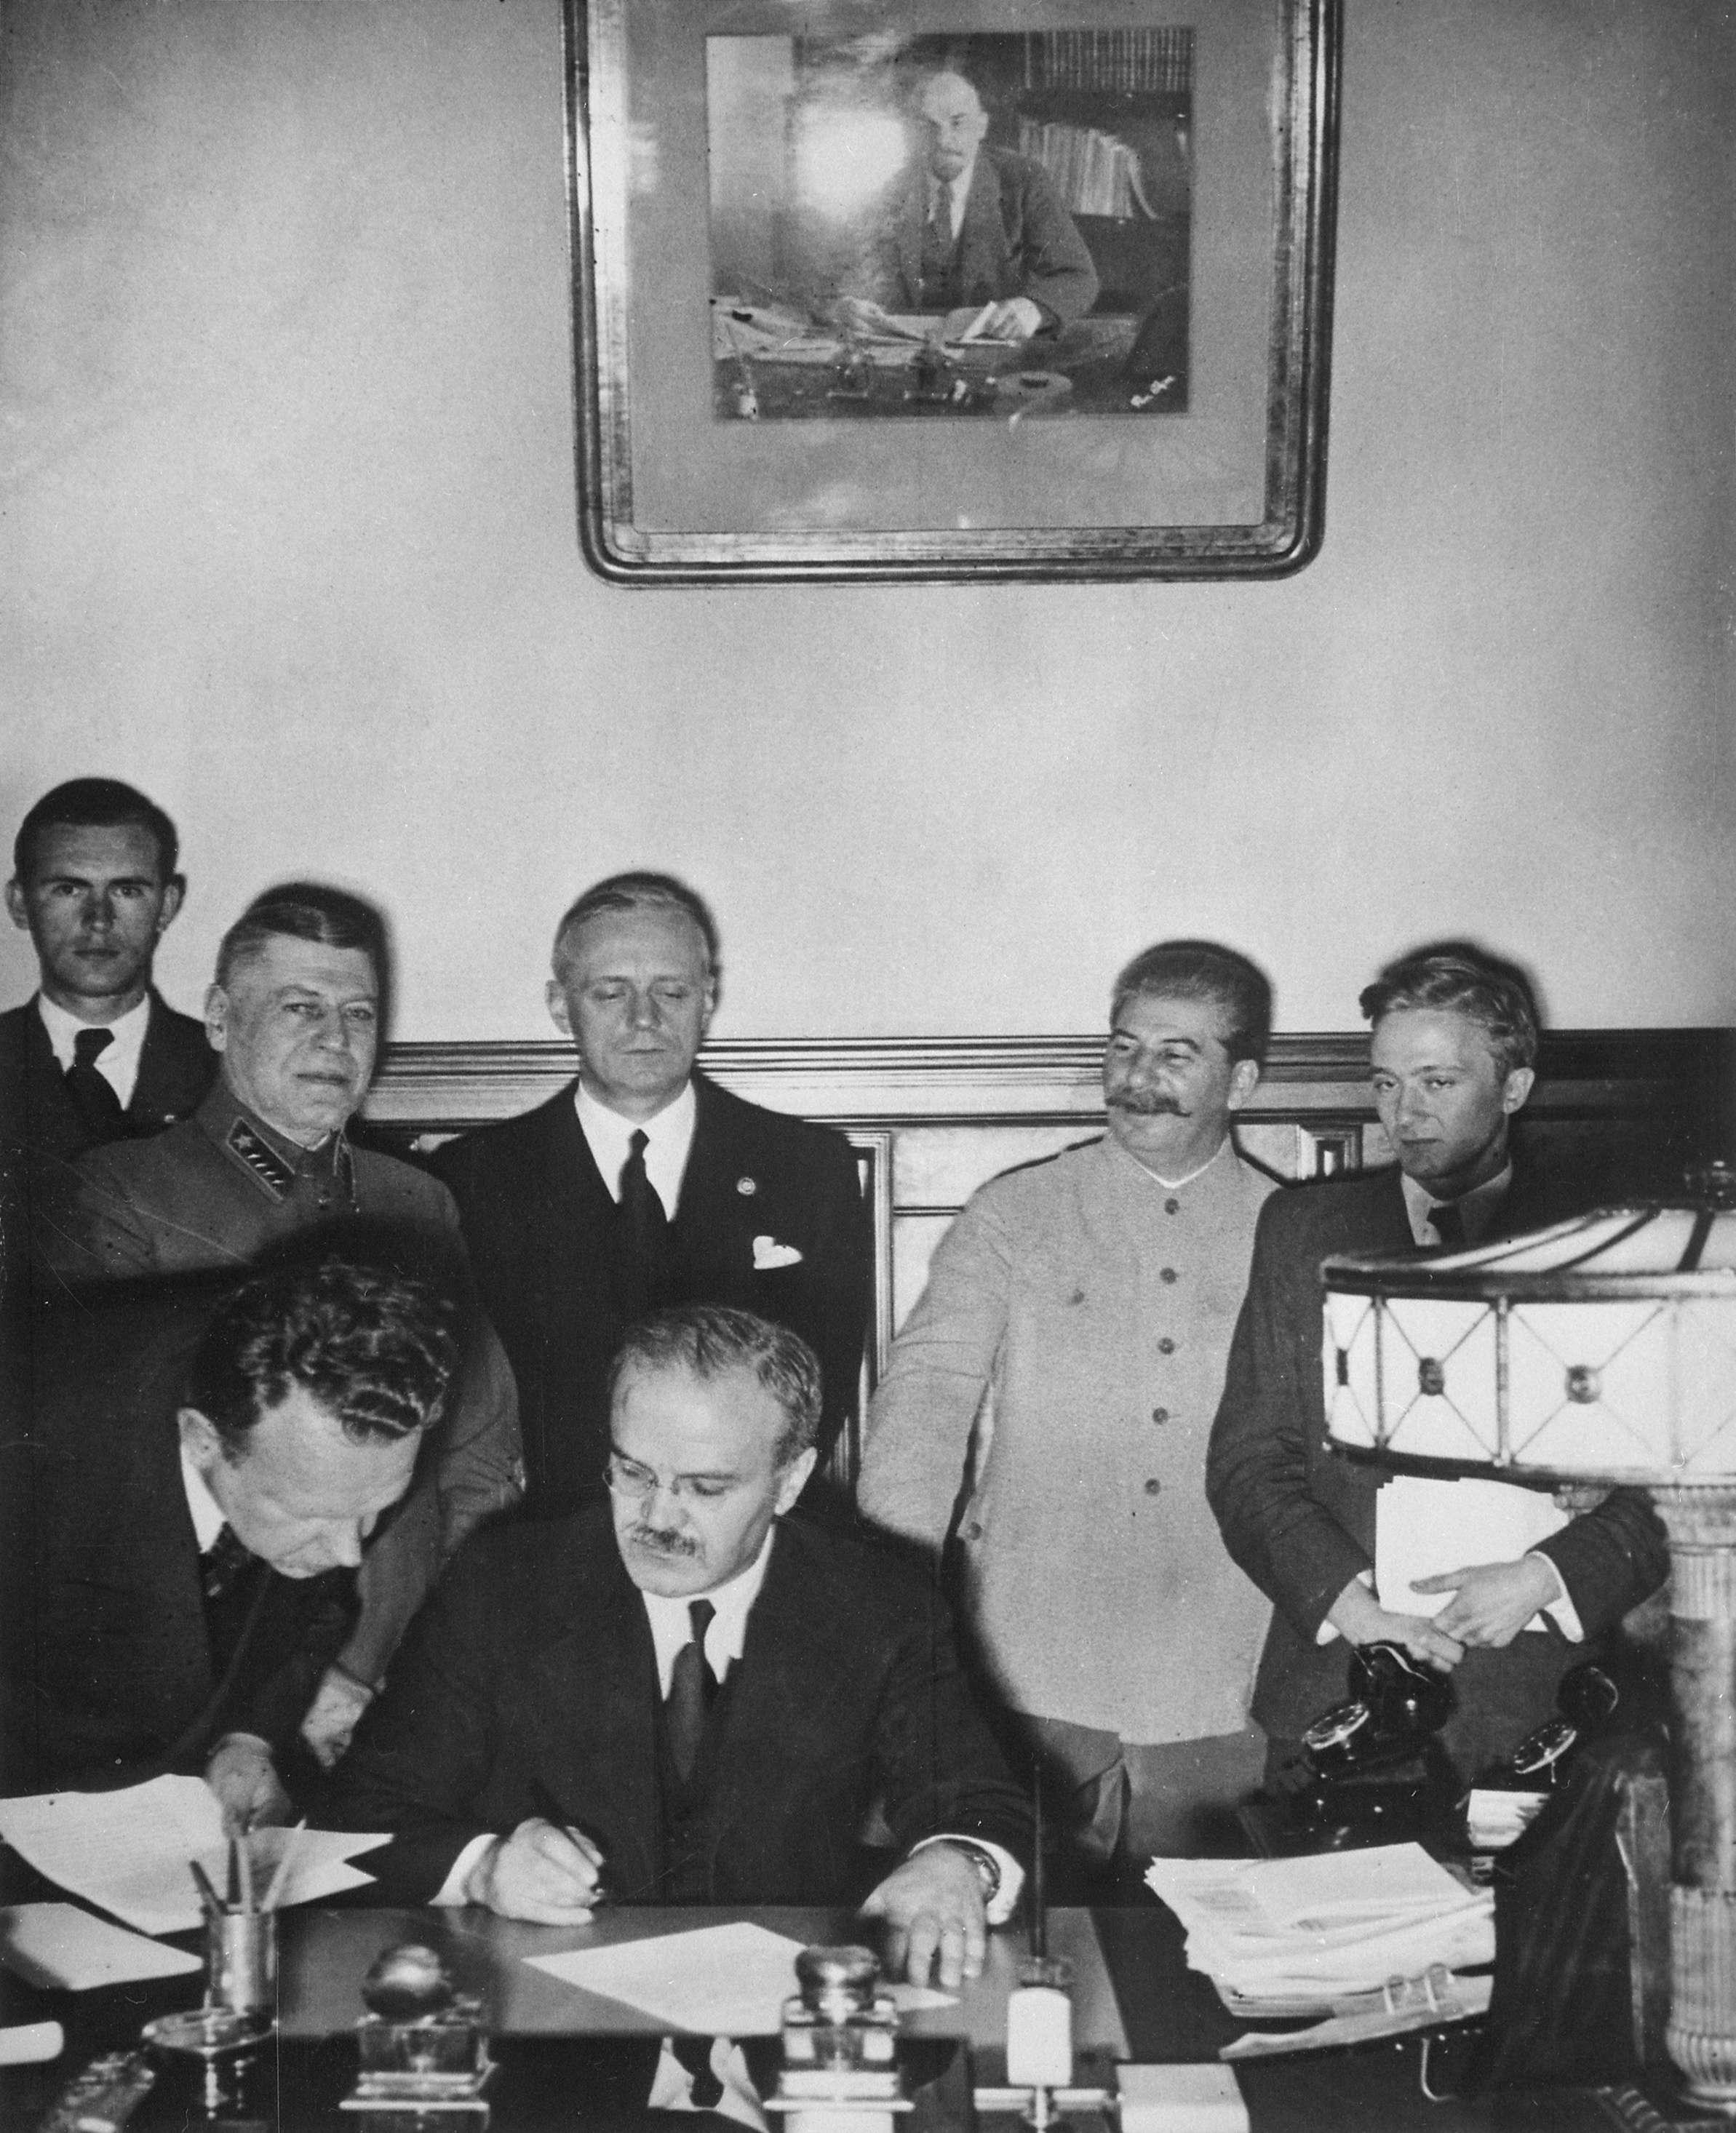 Ο Μόλοτοφ (υπογράφοντας), ο Ρίμπεντροπ (με τα μαύρα πίσω από τον Μόλοτοφ) και ο Στάλιν (δεξιά) στις 23 Αυγούστου 1939.